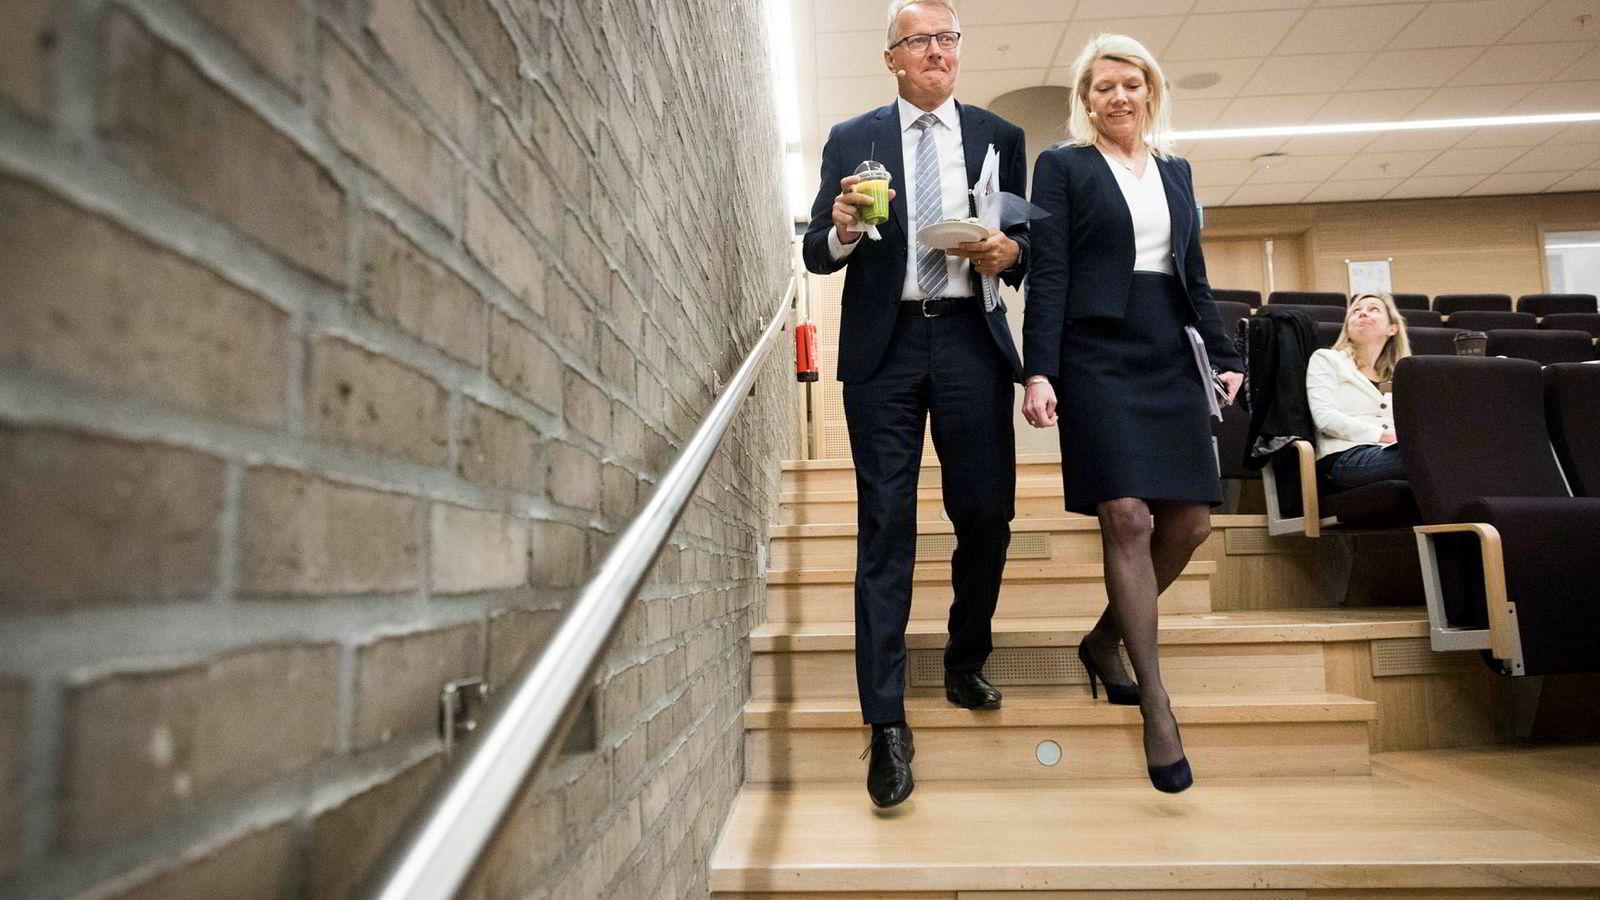 DNBs konsernsjef Rune Bjerke (til venstre) og finansdirektør Kjerstin Braathen legger frem et økt resultat, men hos de viktige boliglånskundene faller DNBs markedsandel ytterligere.